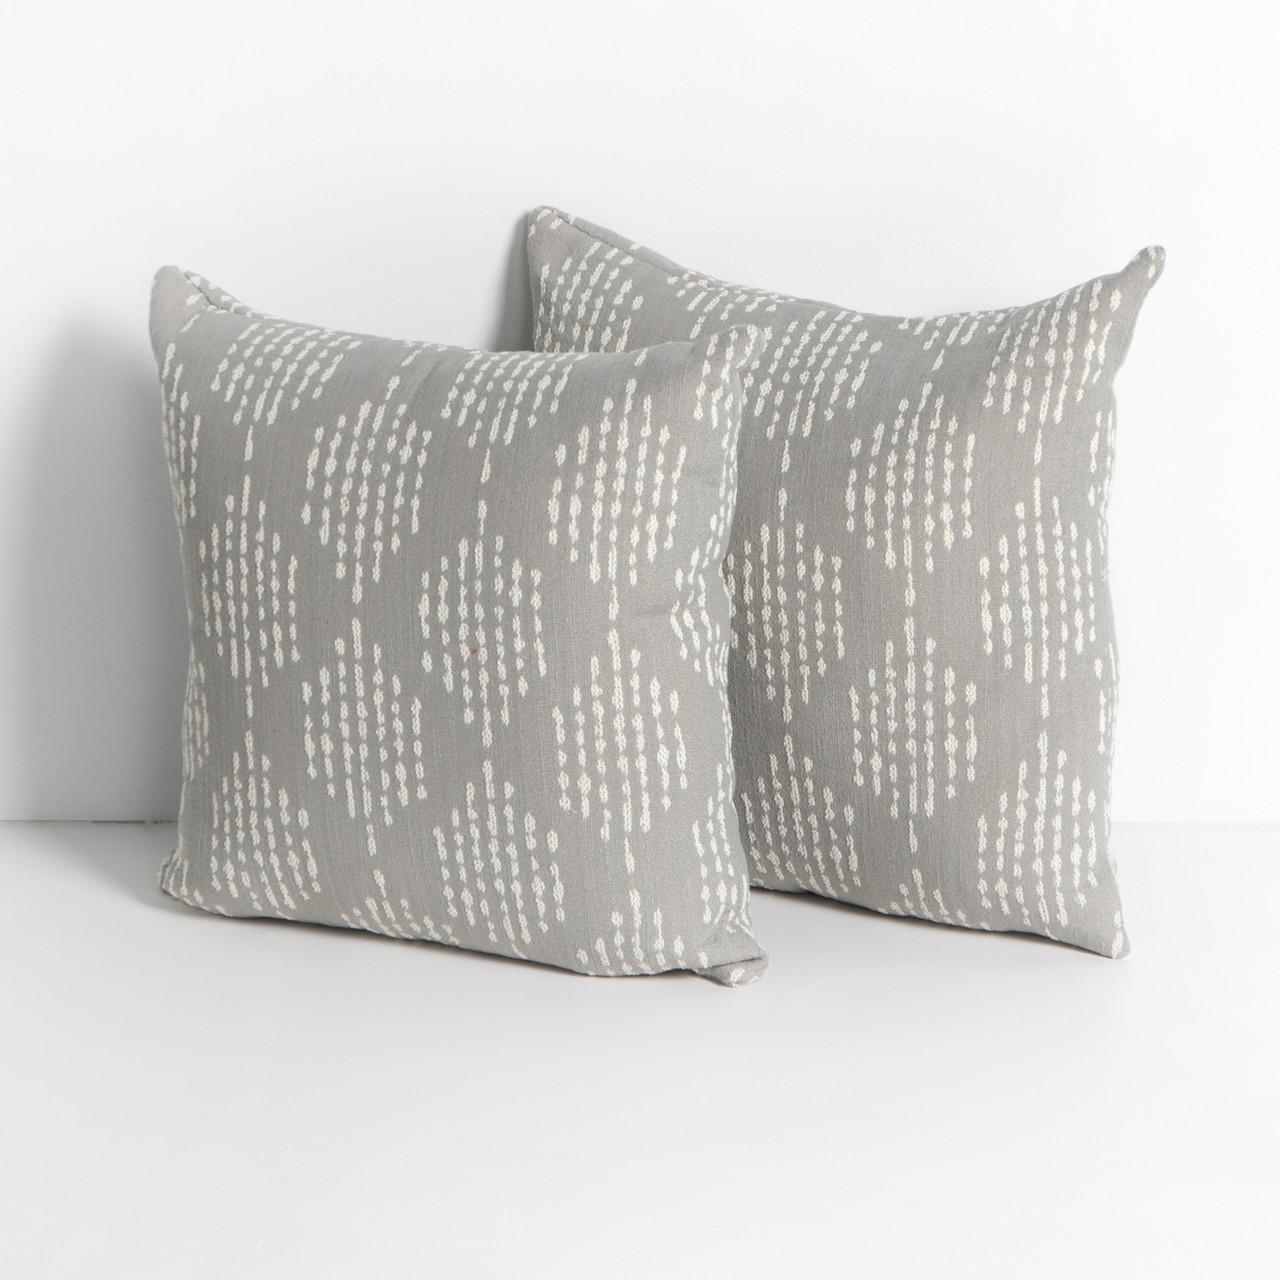 peri outdoor pillows set of 2 stone